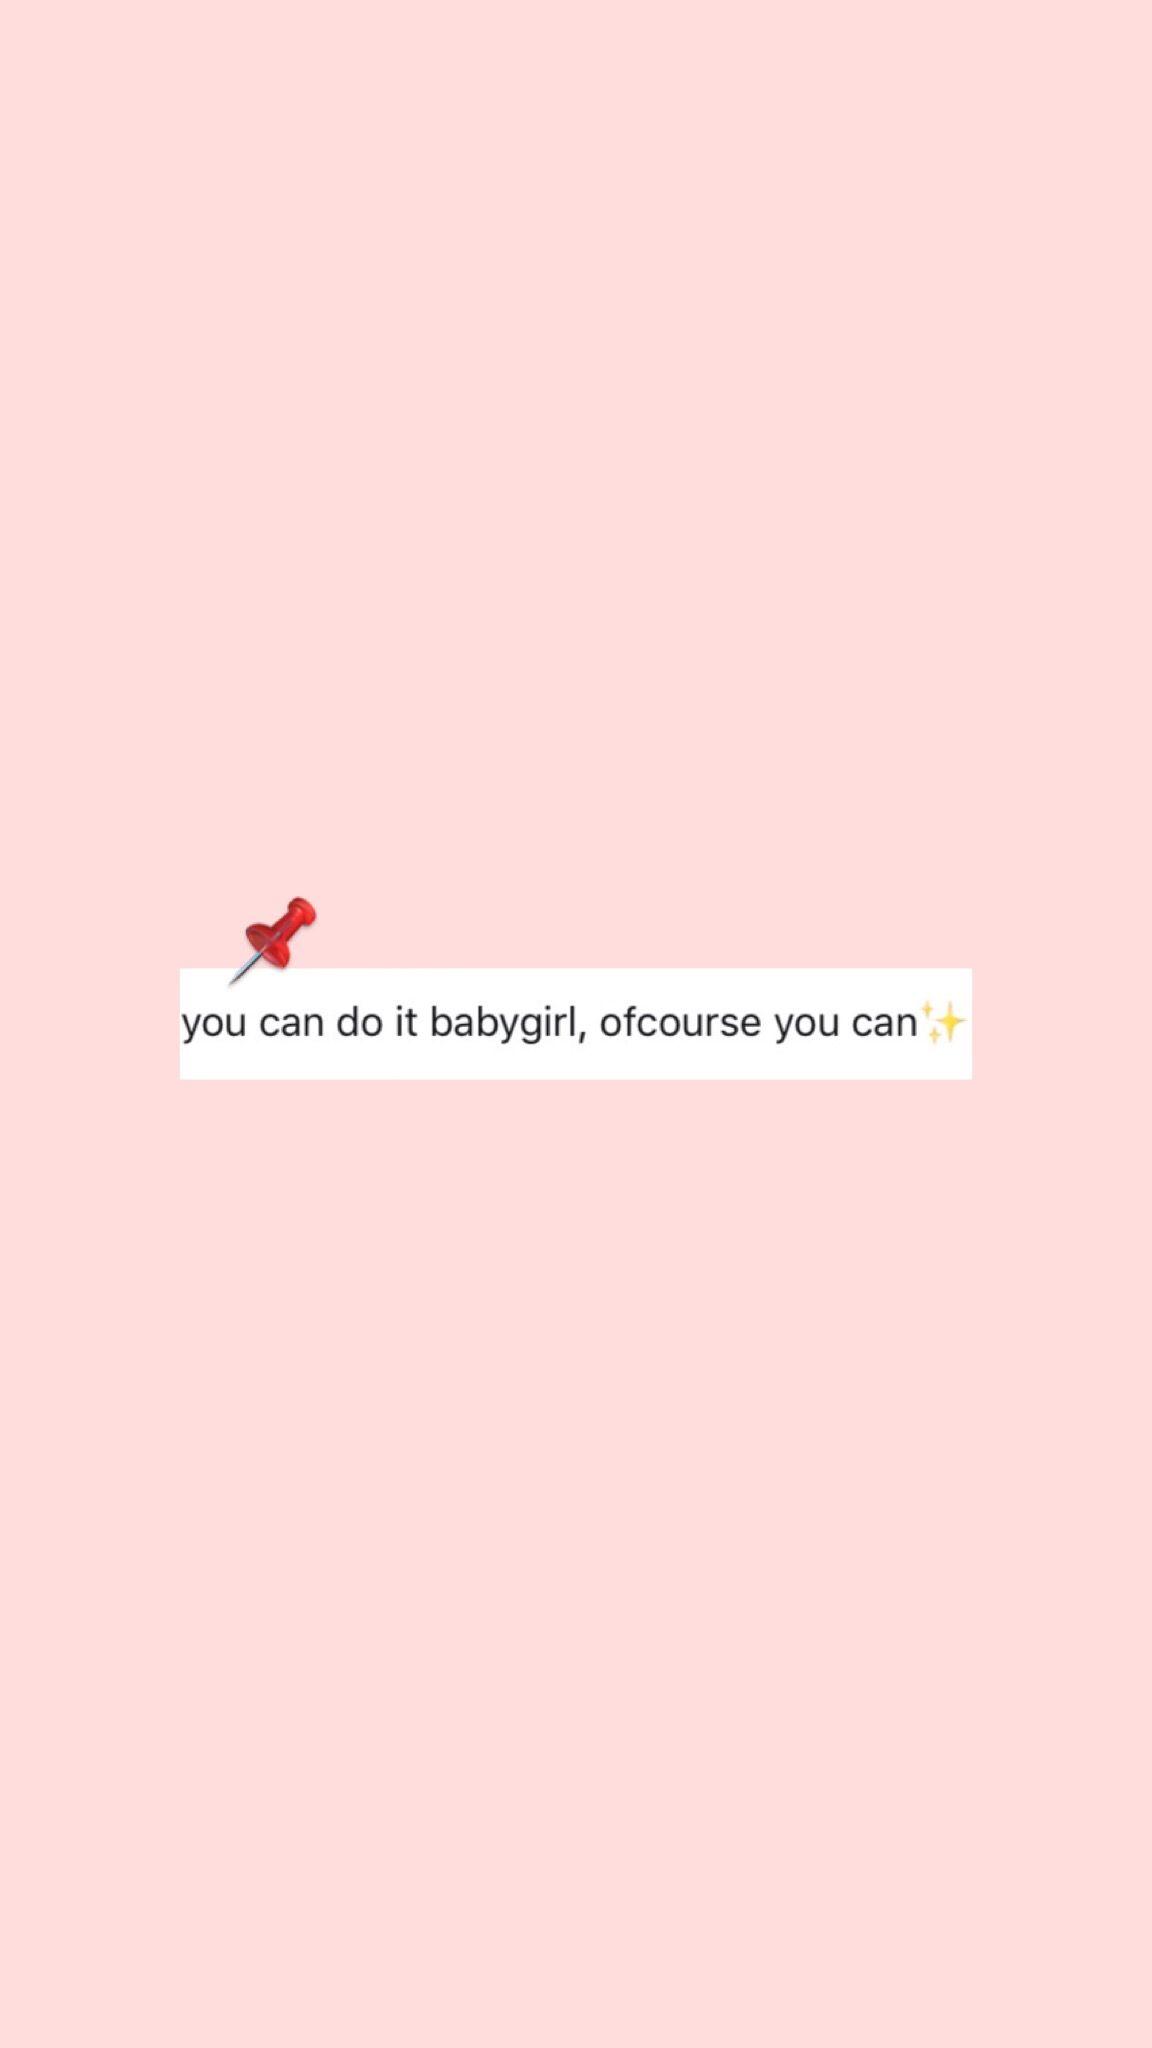 Tu puedes hacerlo bebé, por supuesto que puedes Quotes Sayings Wallpaper